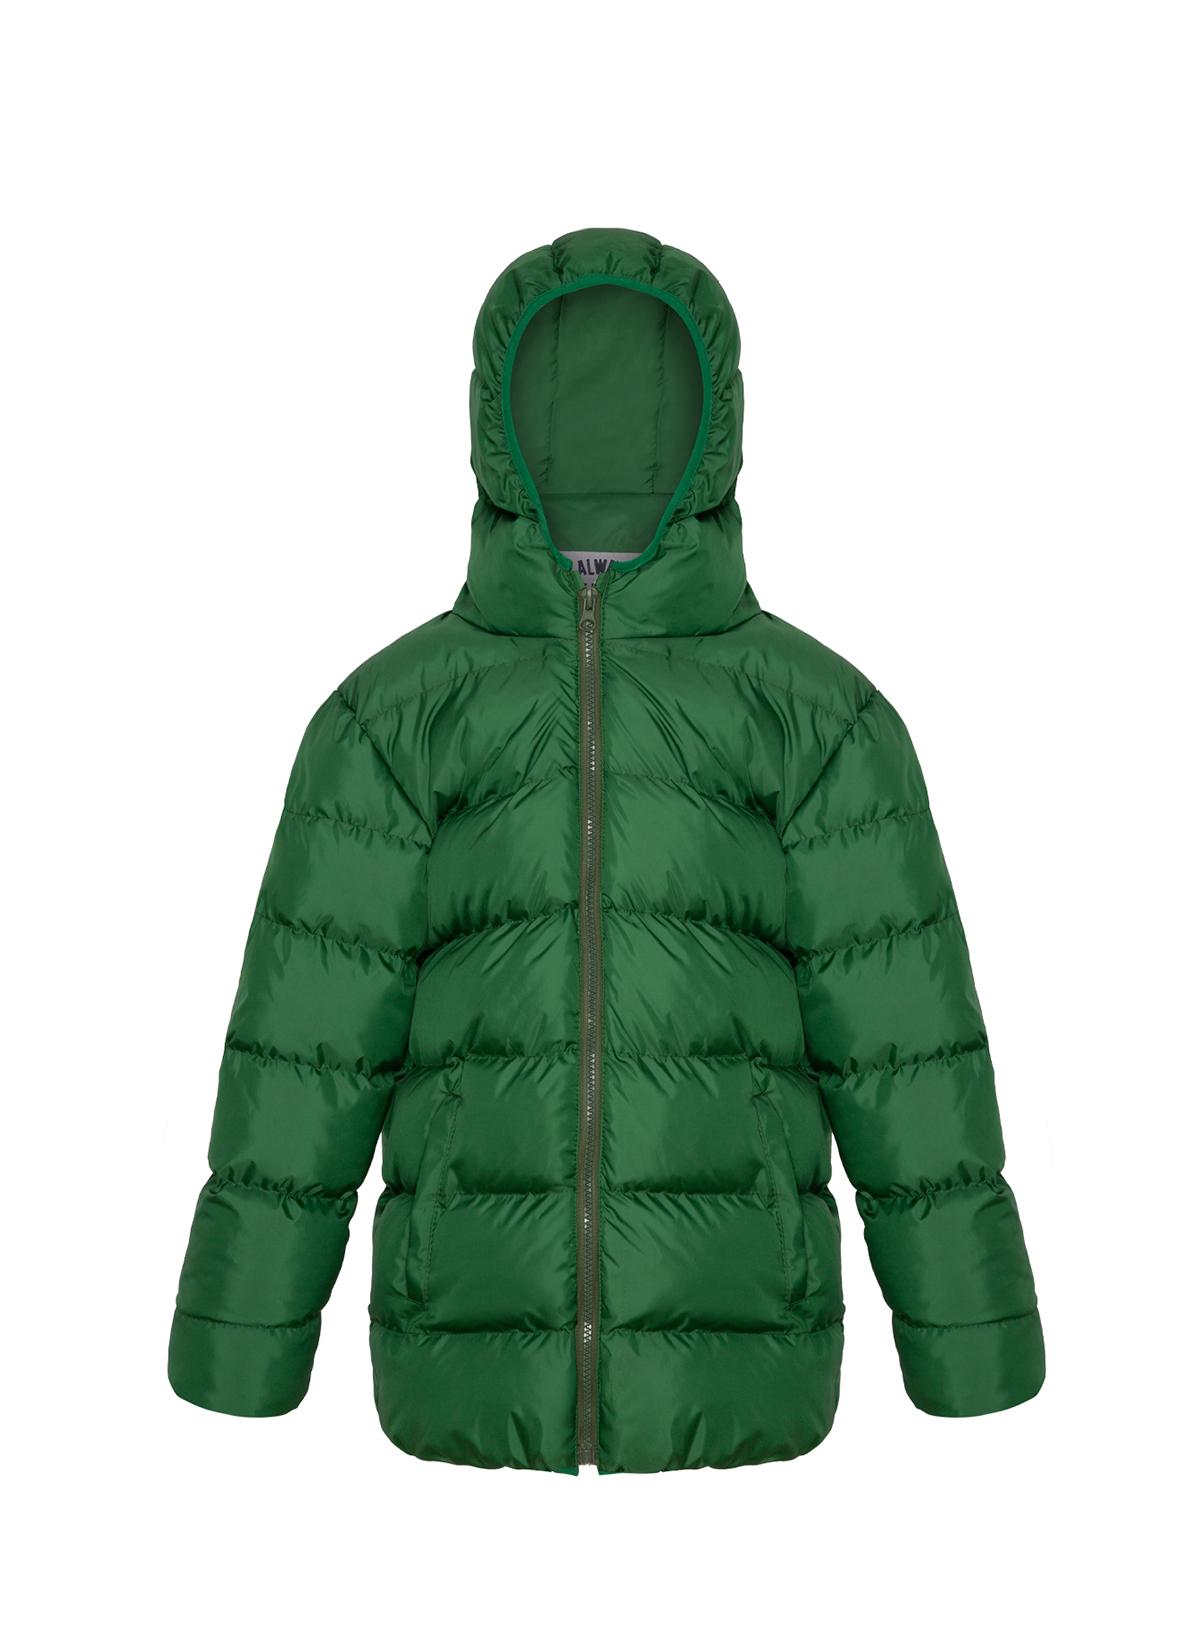 Orta Boy Yeşil Şişme Mont